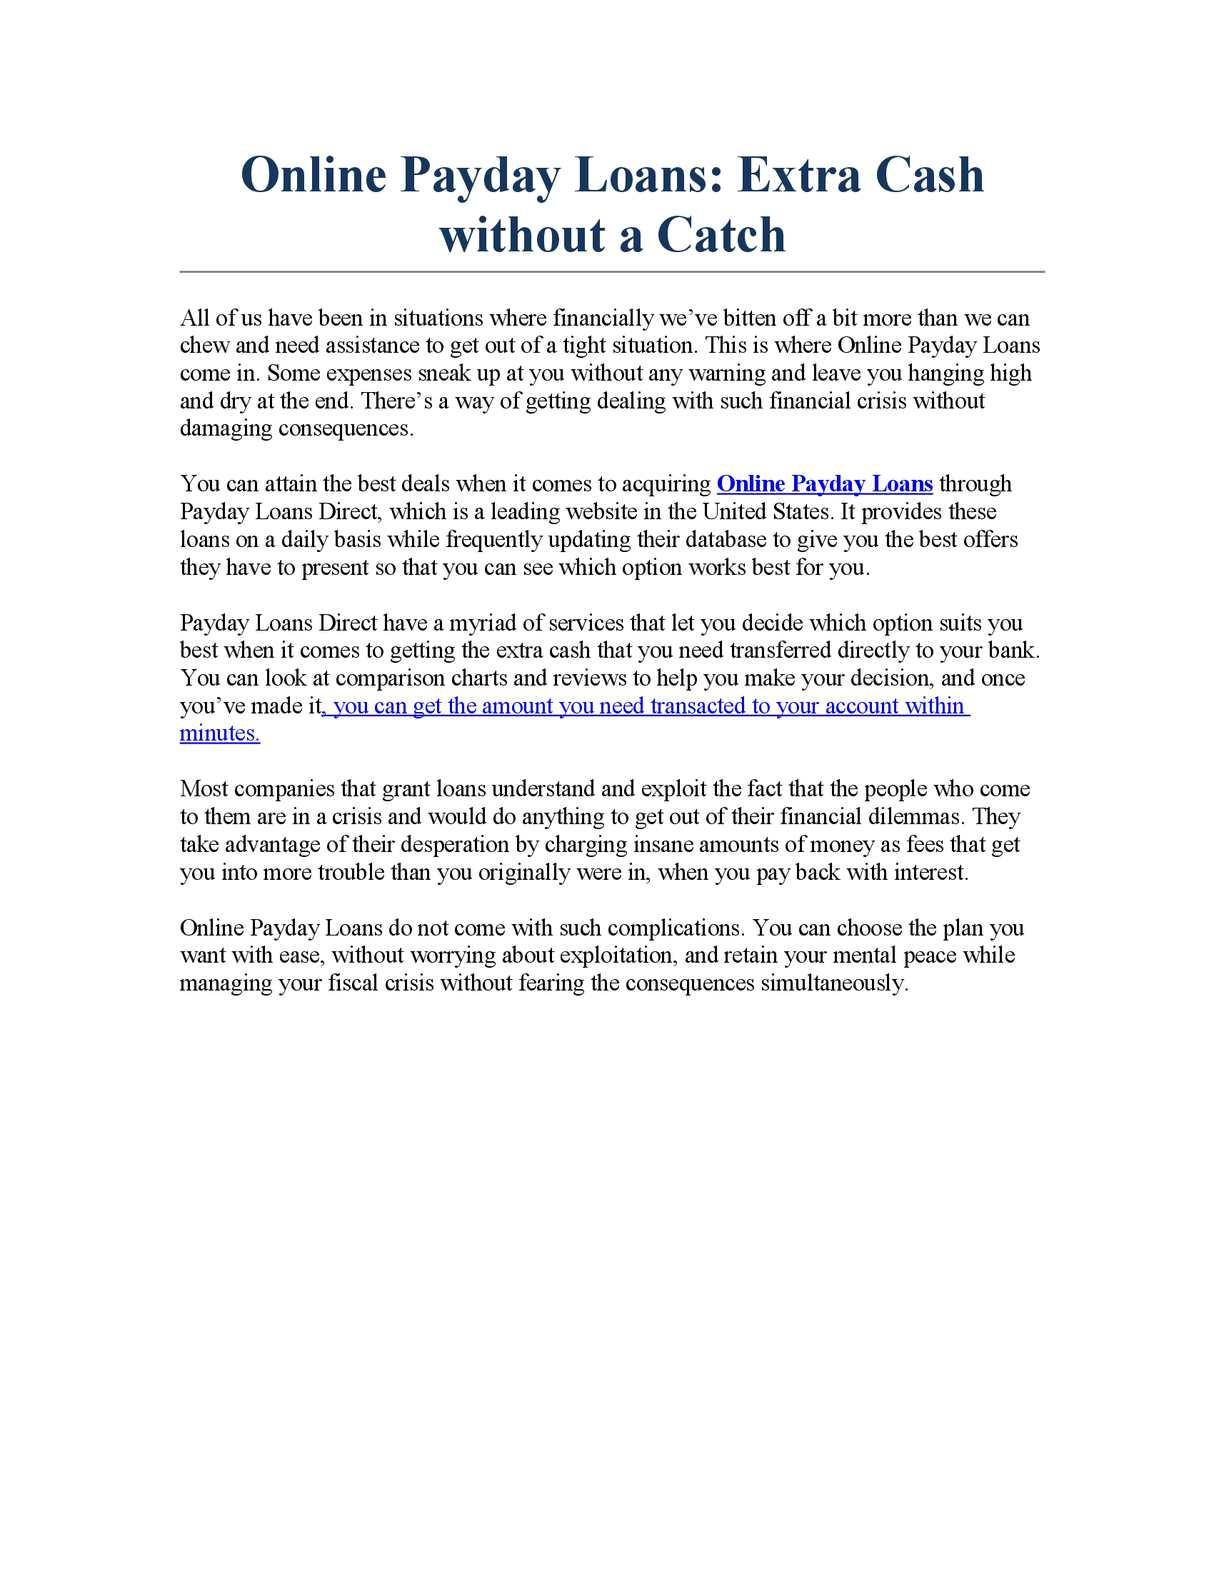 Cash loan calamba laguna image 8